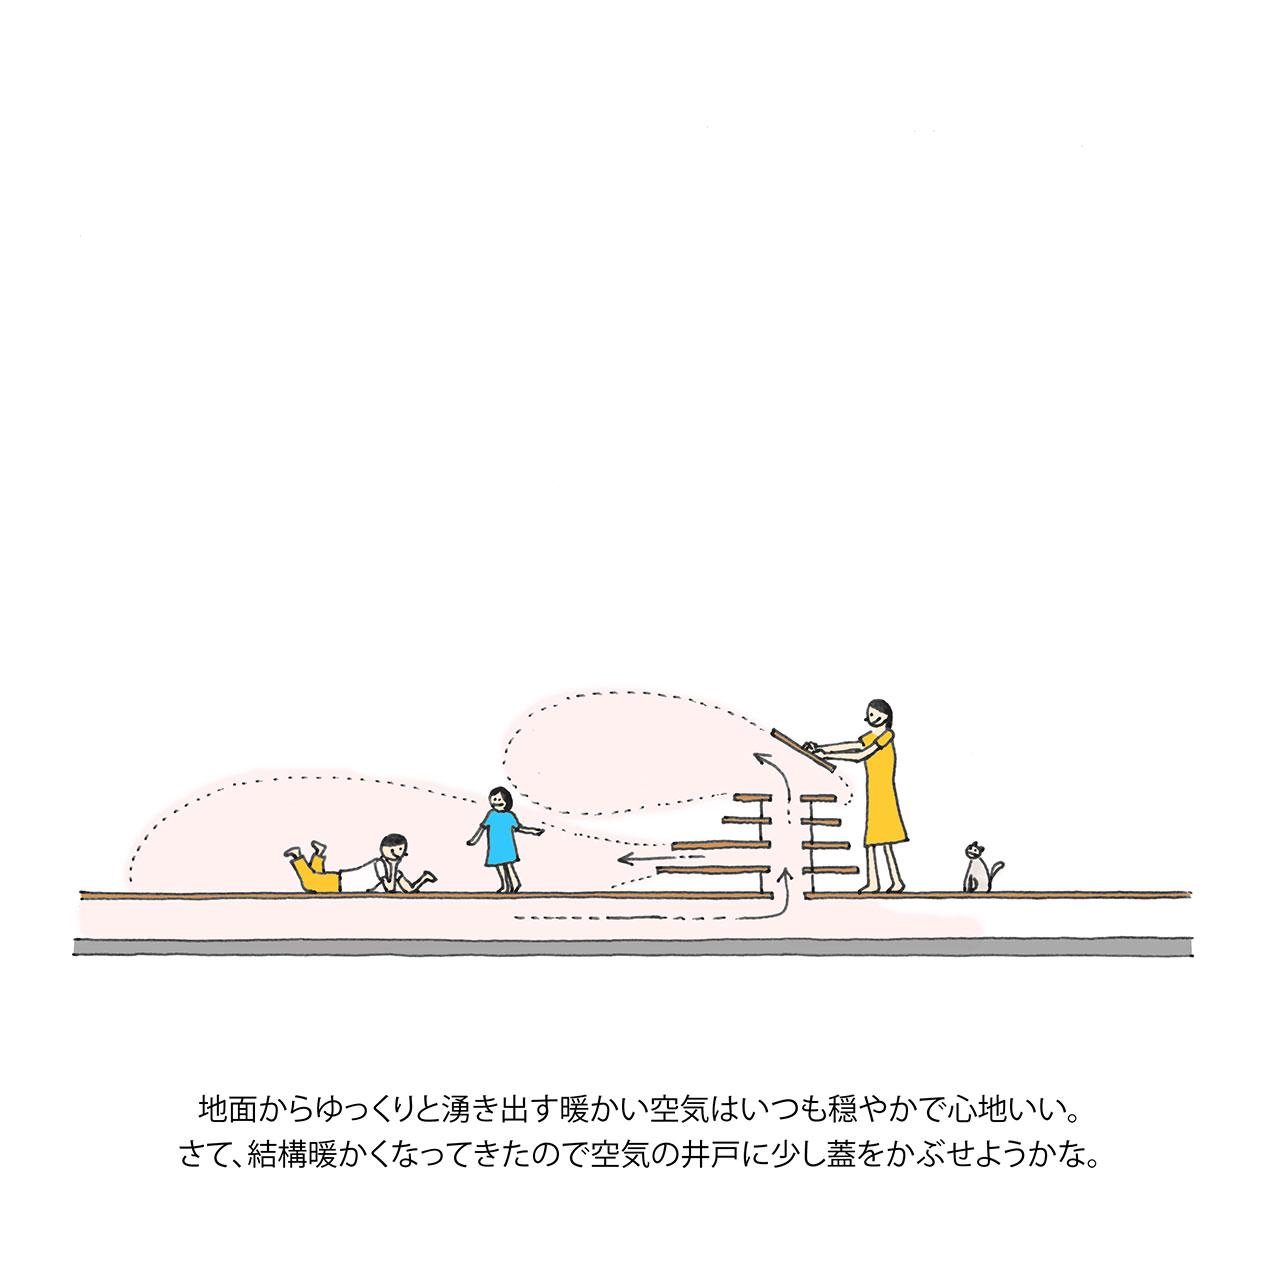 ifuku_08.jpg